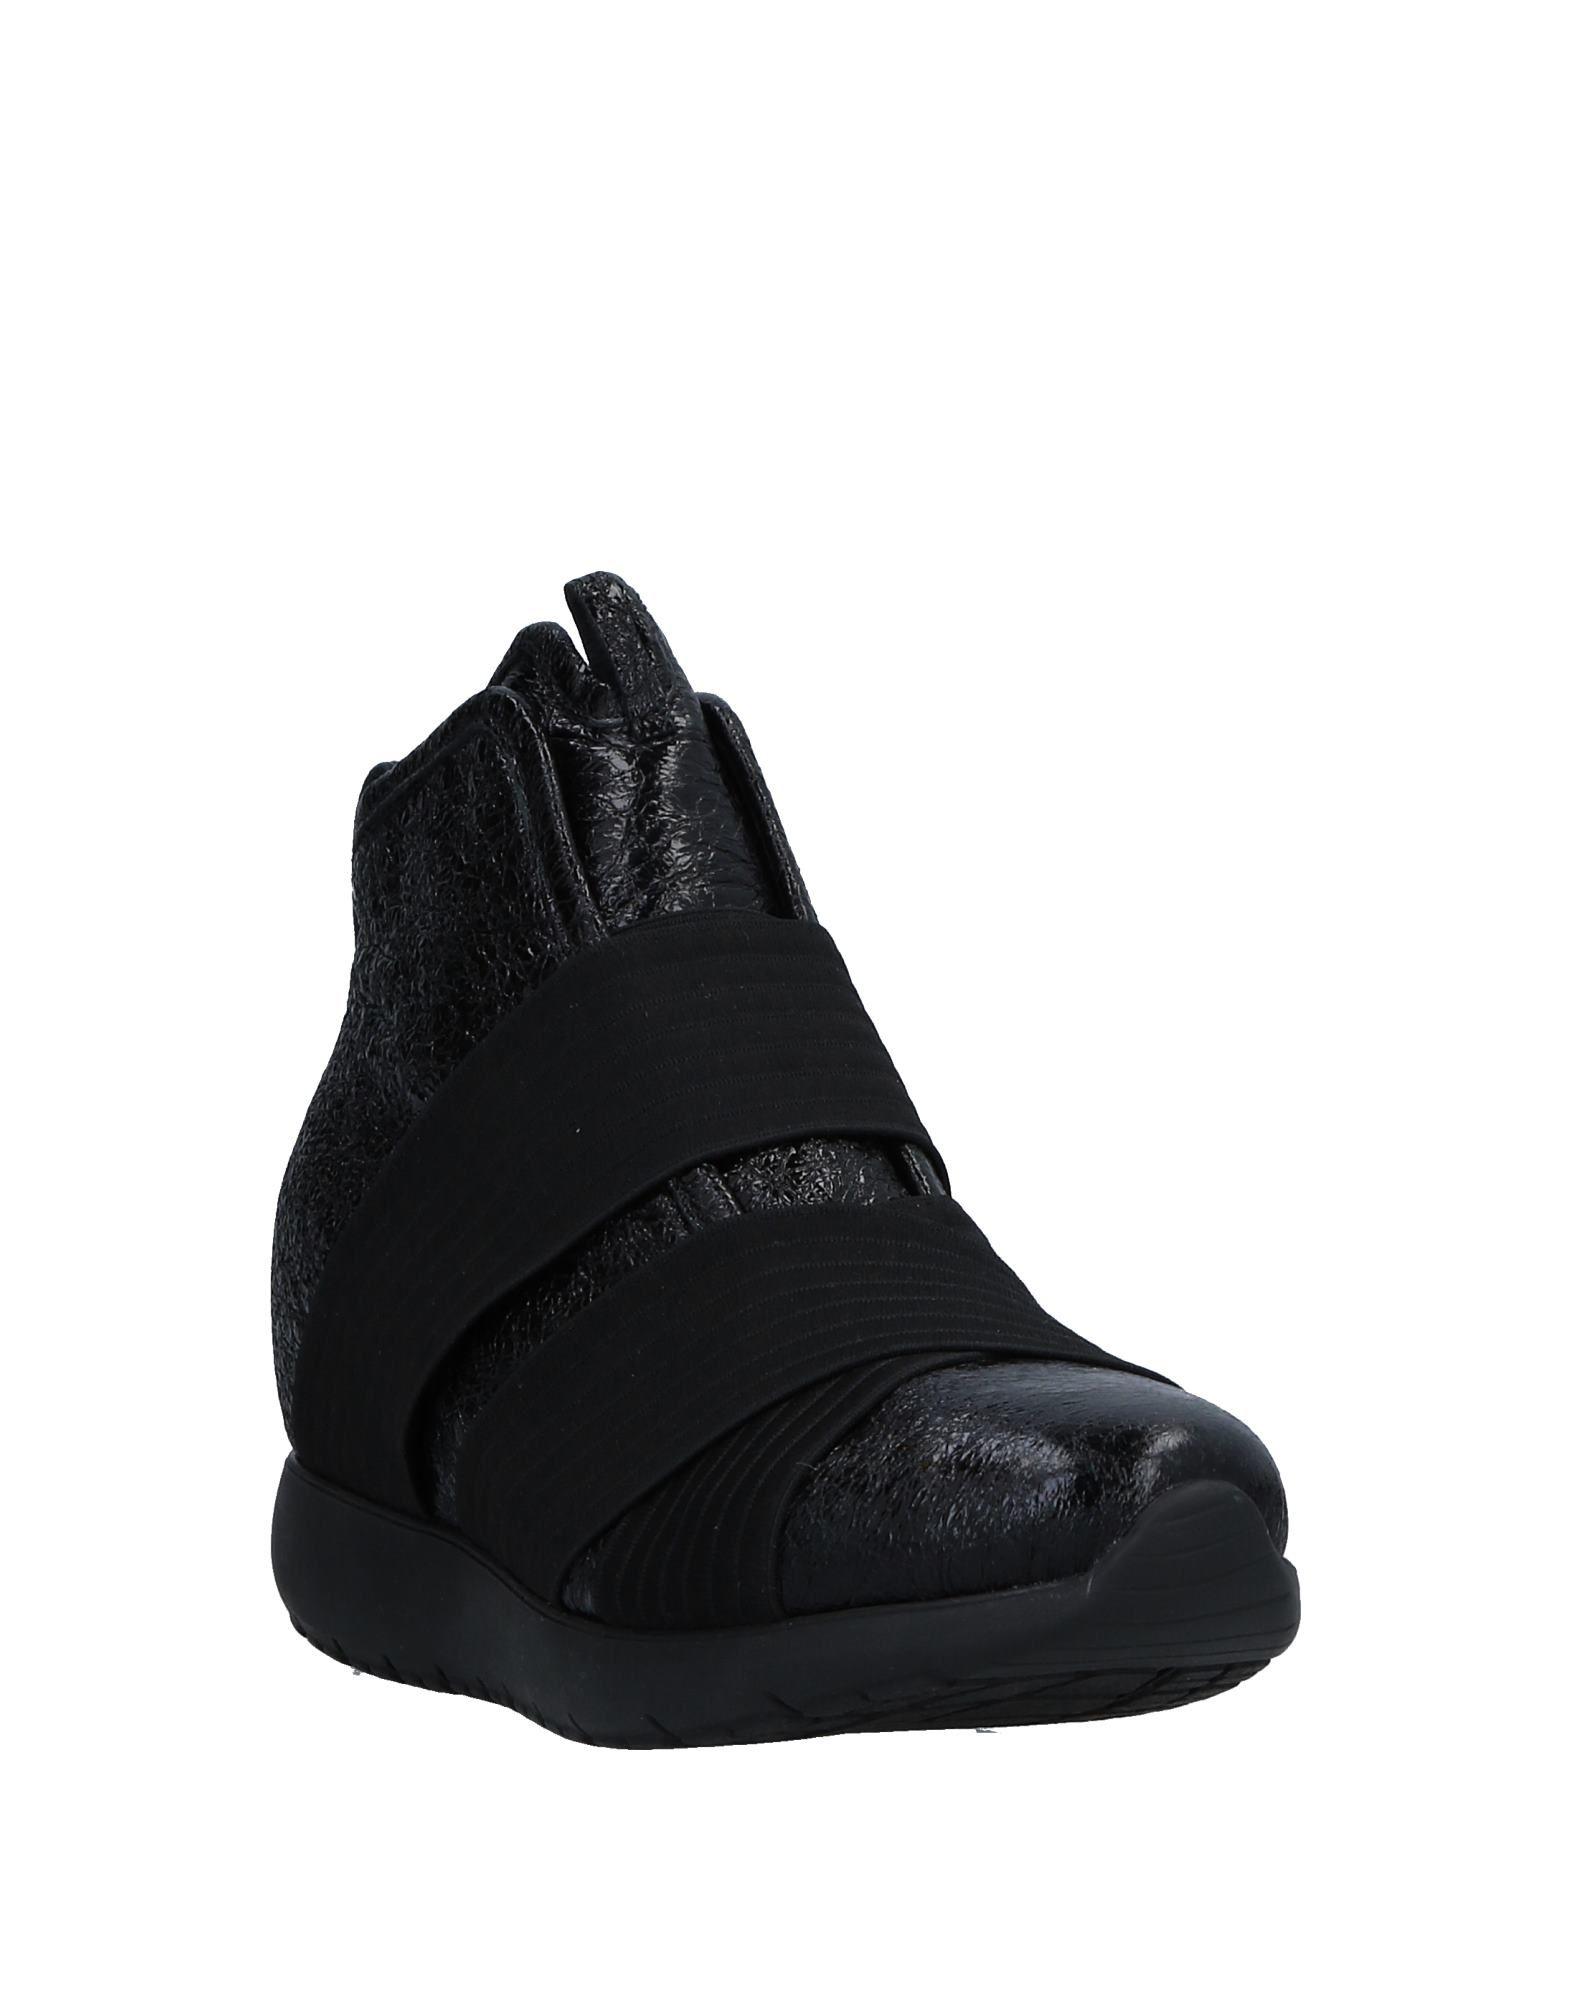 Gut Fora um billige Schuhe zu tragenAndìa Fora Gut Stiefelette Damen  11531523WF 847dff